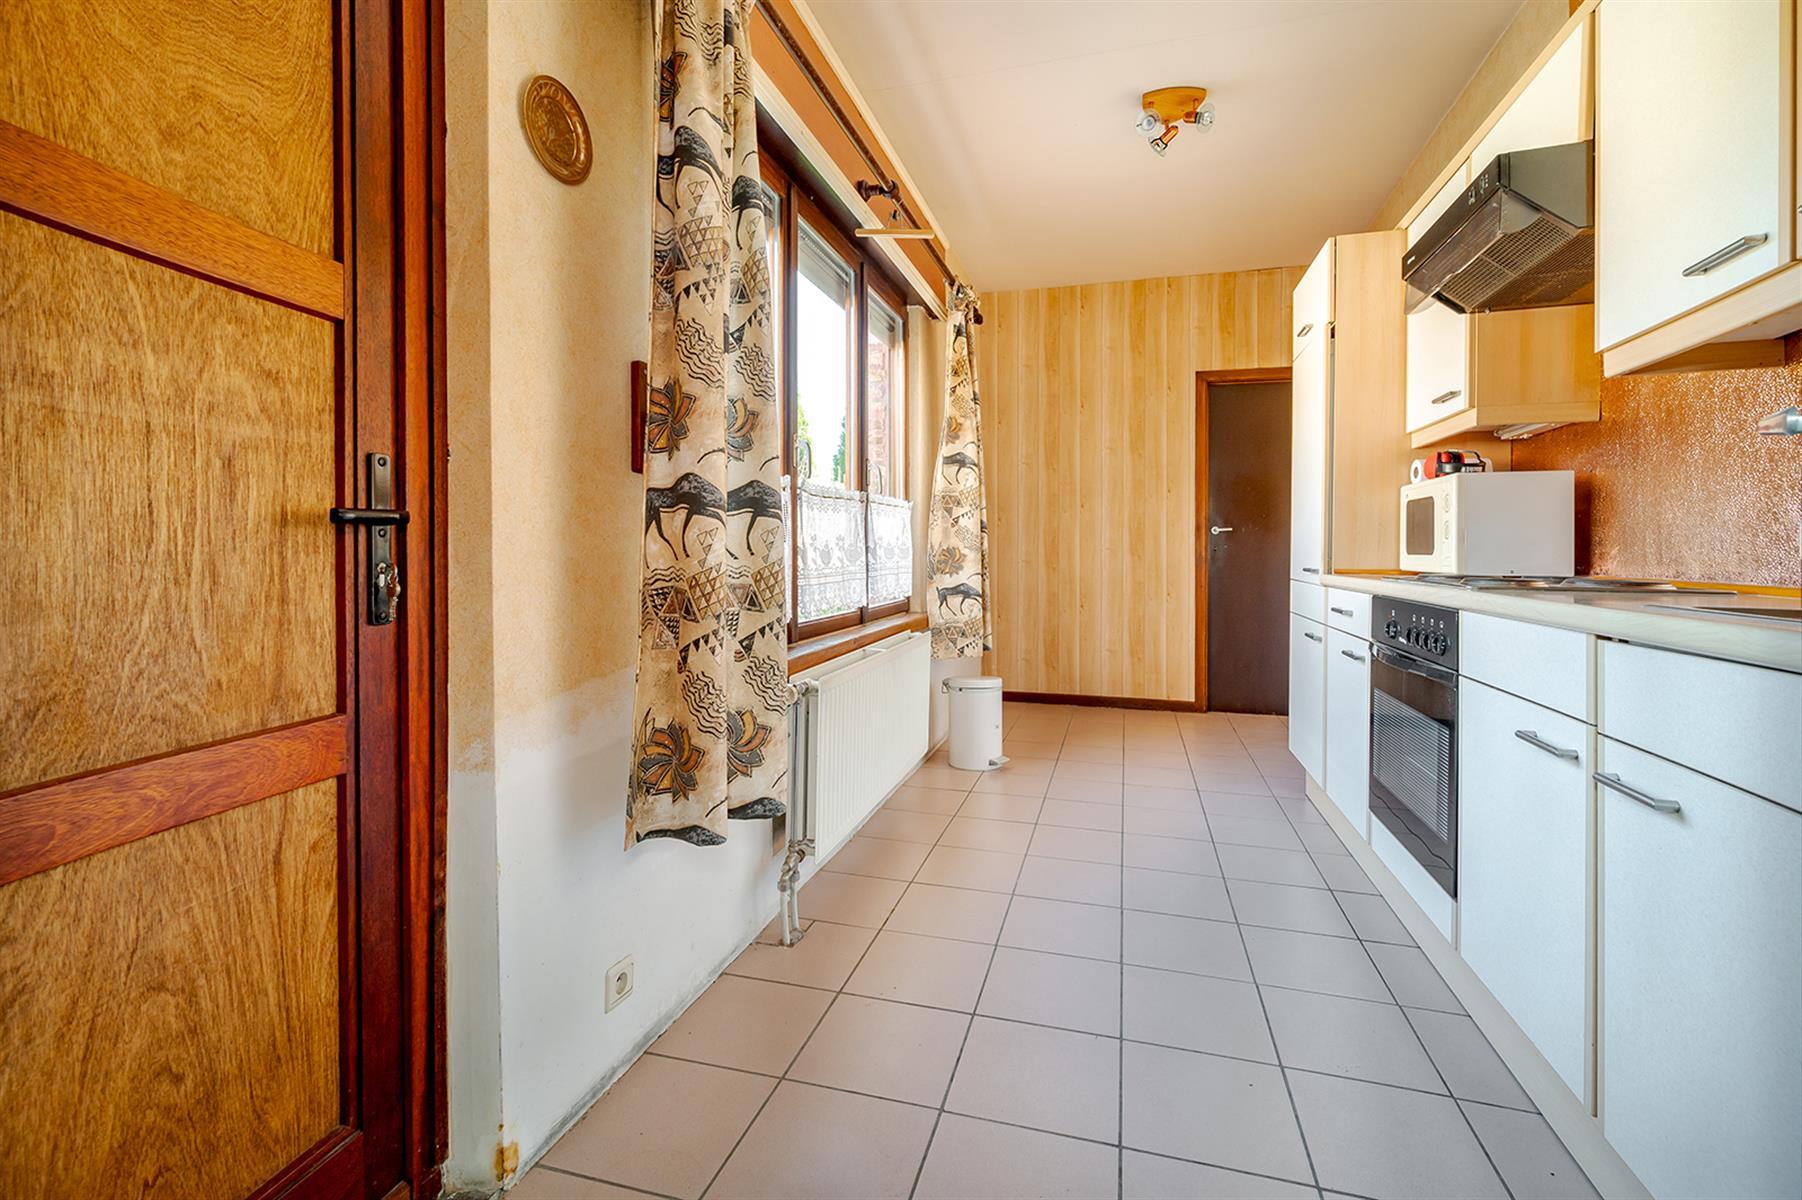 Maison - Fexhele-Haut-Clocher Voroux-Goreux - #4214944-8